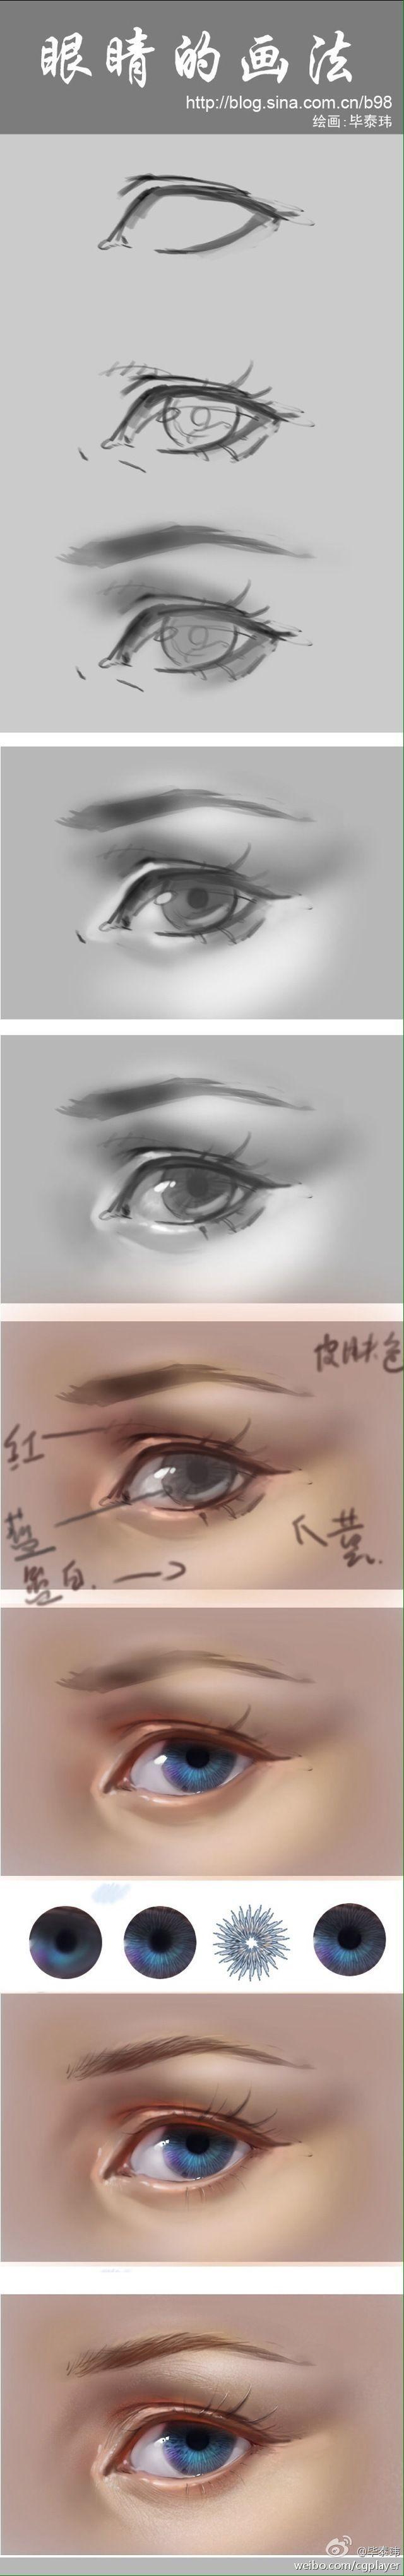 Realistische Augen